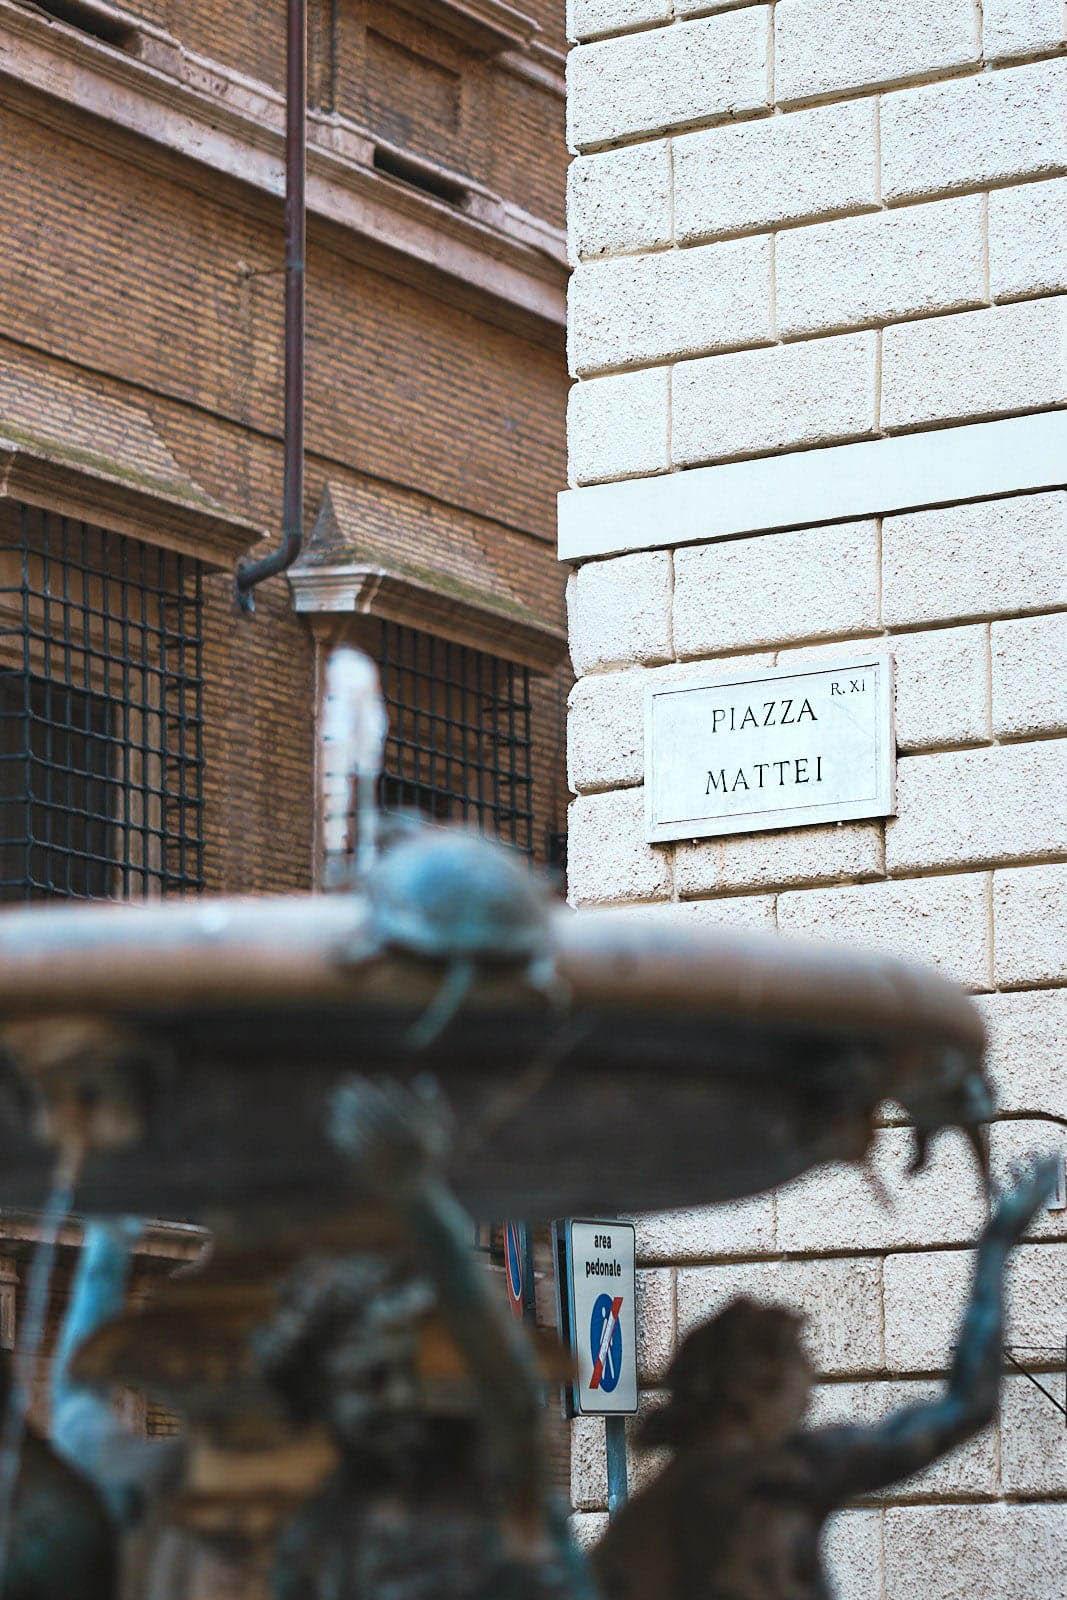 Fontana delle Tartarughe, Piazza Mattei, Roma